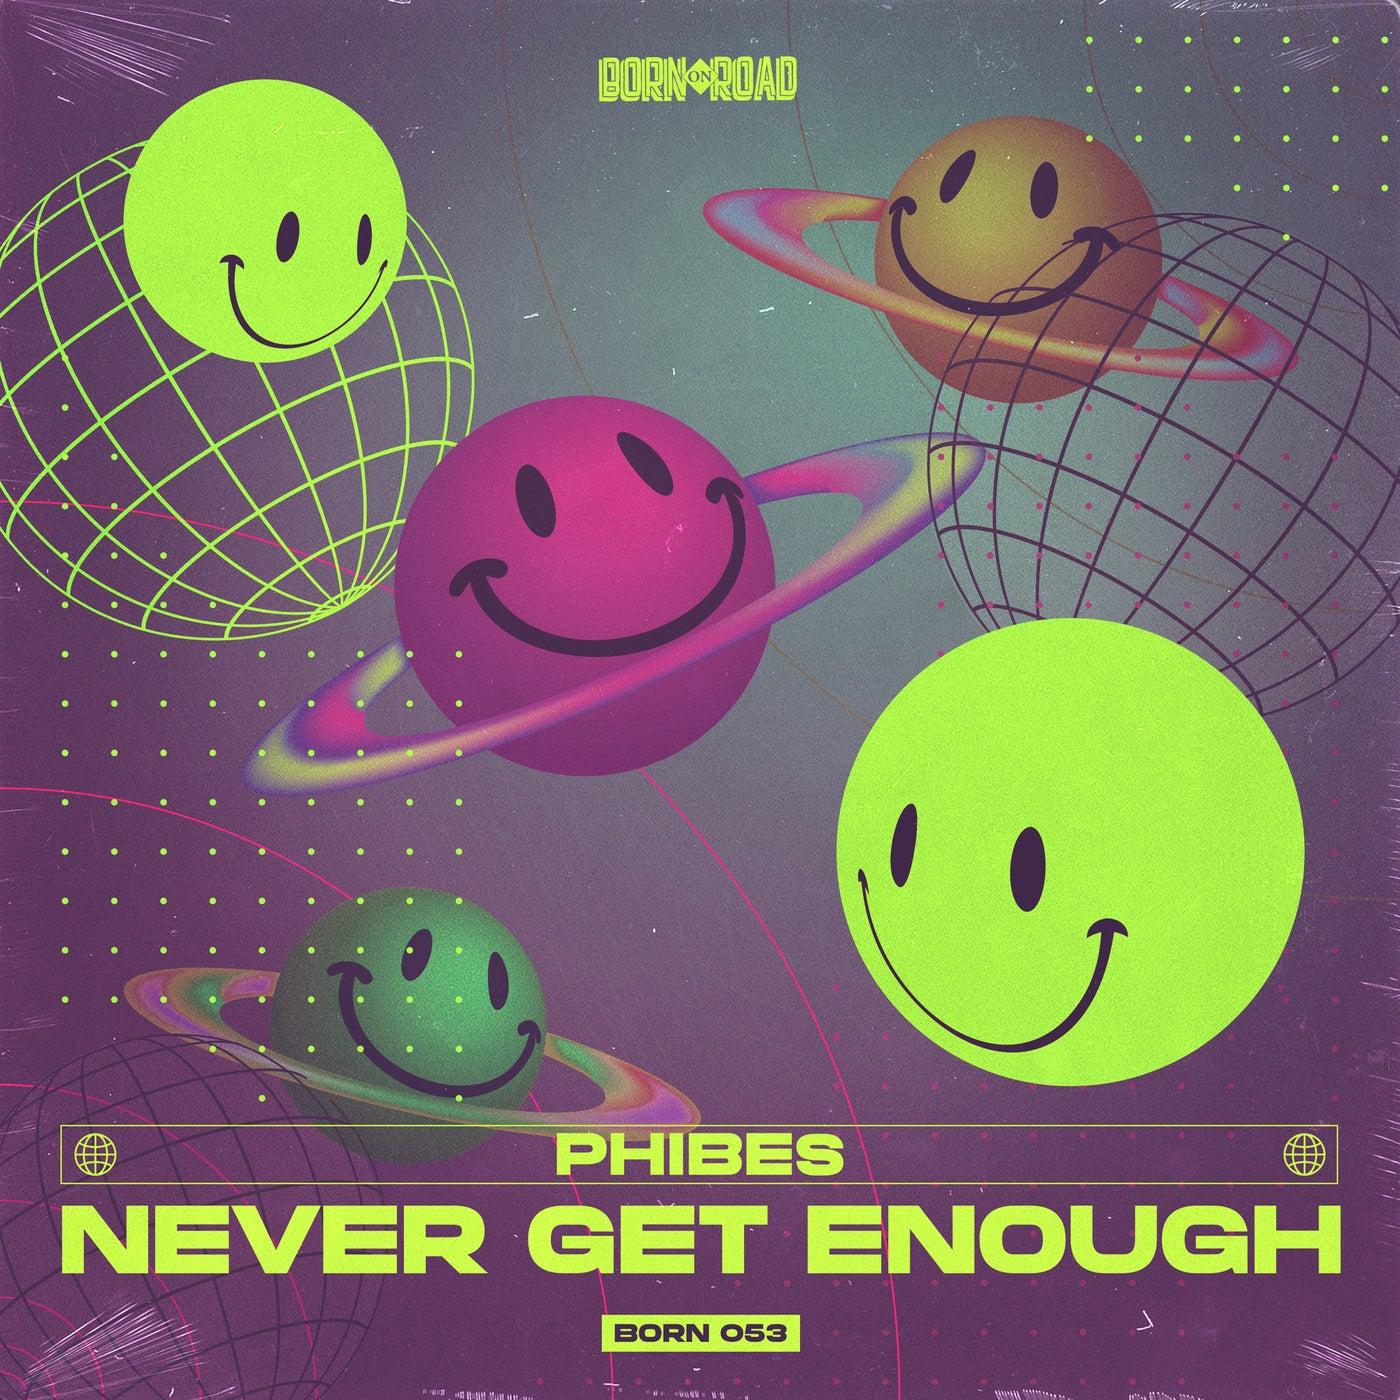 Never Get Enough (Original Mix)